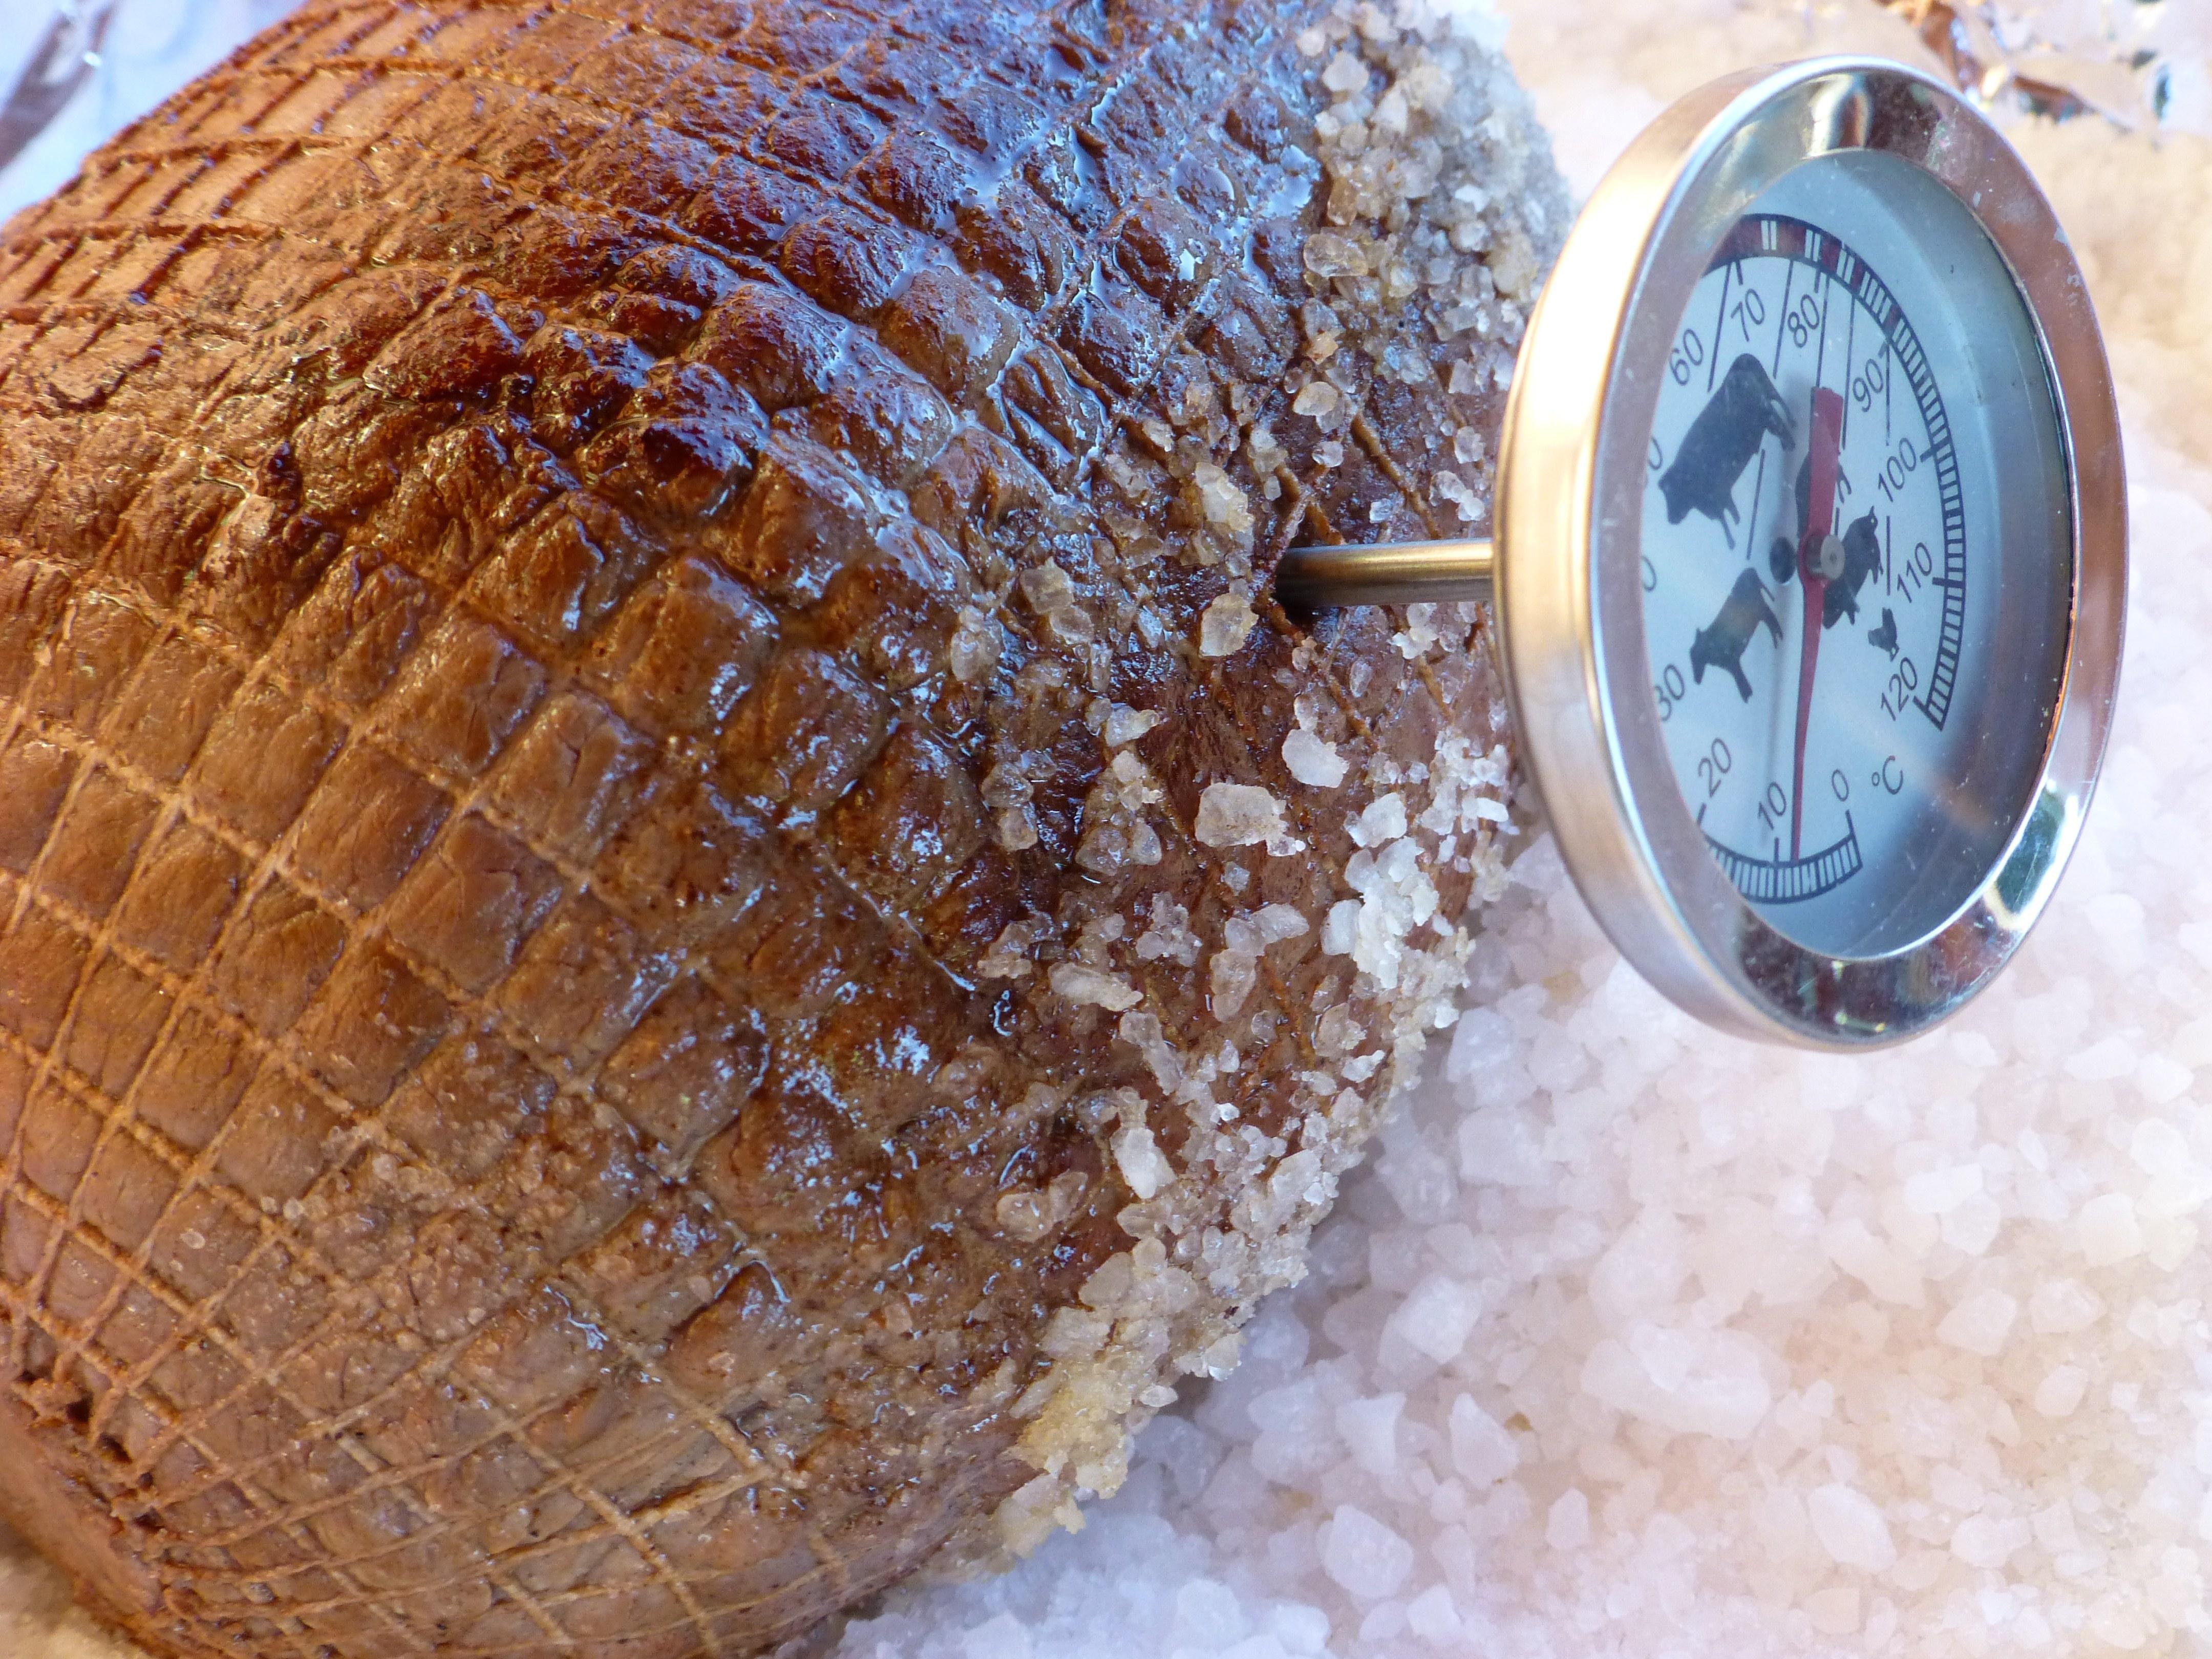 Saltbakt elgsteik. Foto: Kirsten Winge.